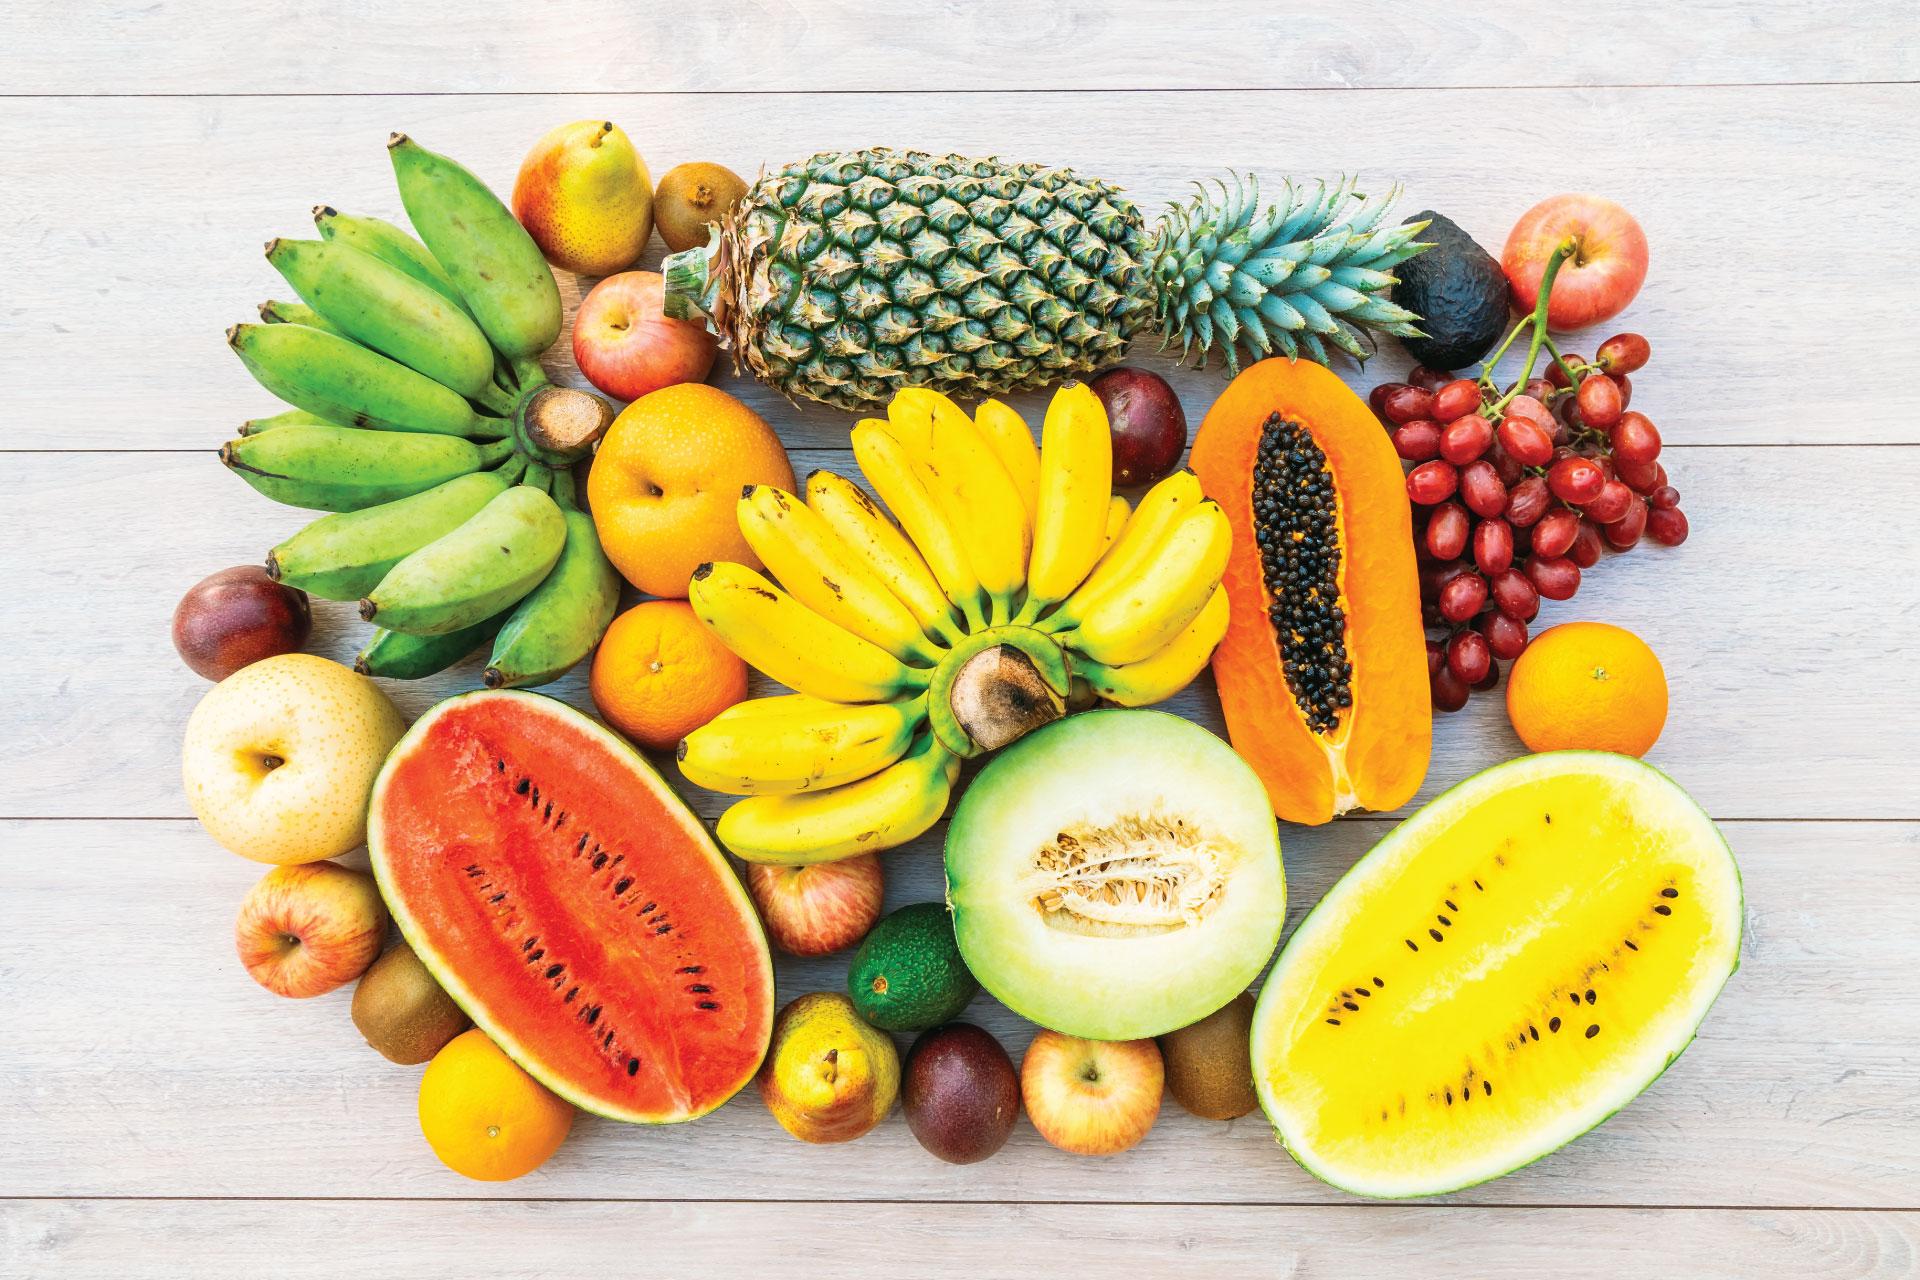 Thời điểm ăn trái cây để đạt hiệu quả tốt nhất cho sức khỏe - Ảnh 1.